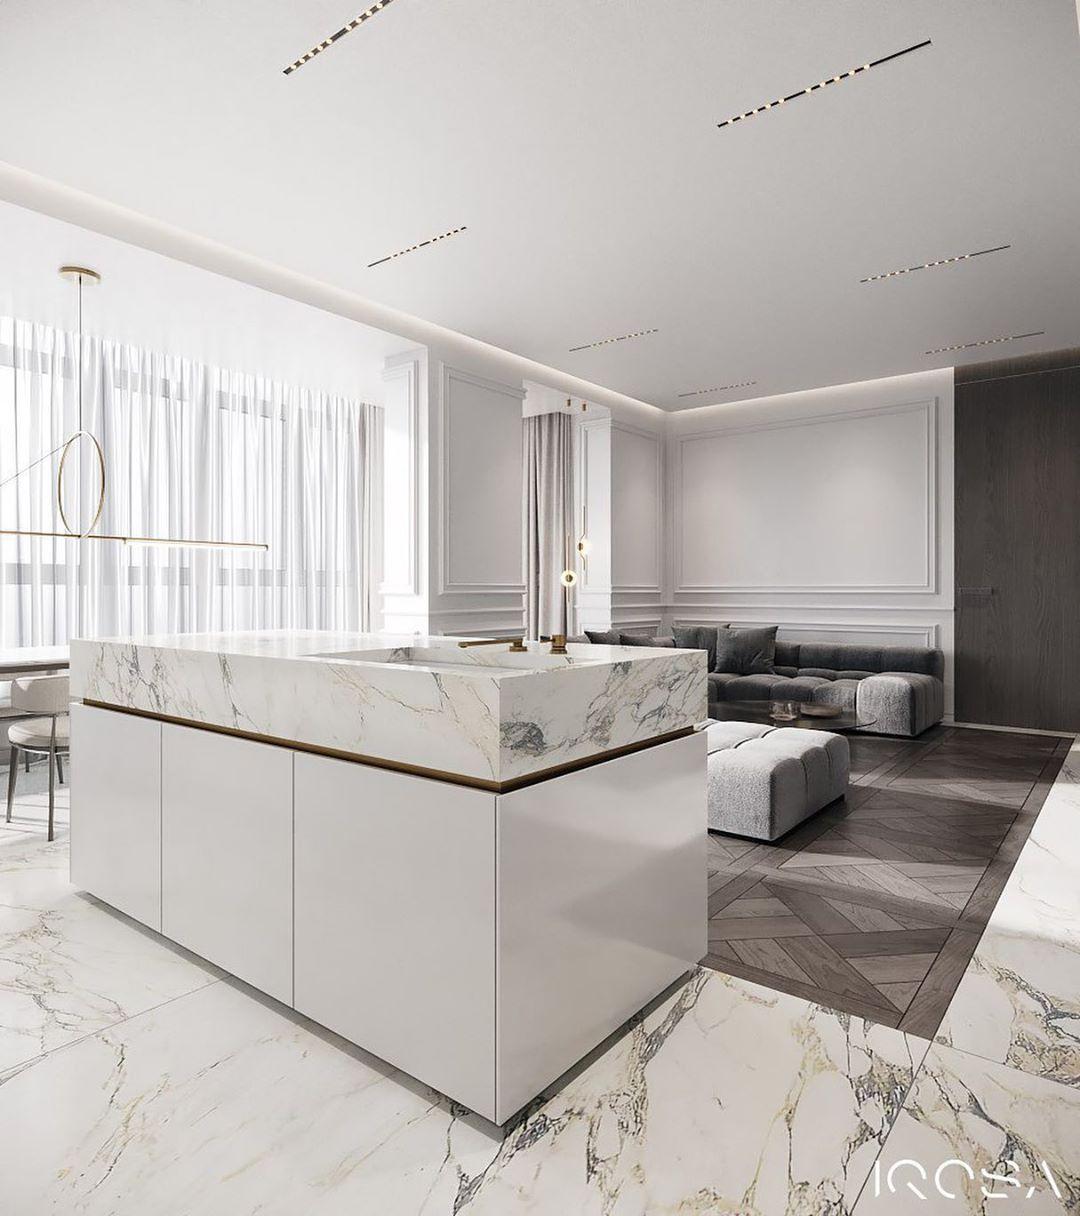 3 459 Vpodoban 17 Komentariv Iqosa Iqosa V Instagram A Good Minimalist Kitchen Design Maxi Minimalist Kitchen Design Hotel Room Design Interior Design